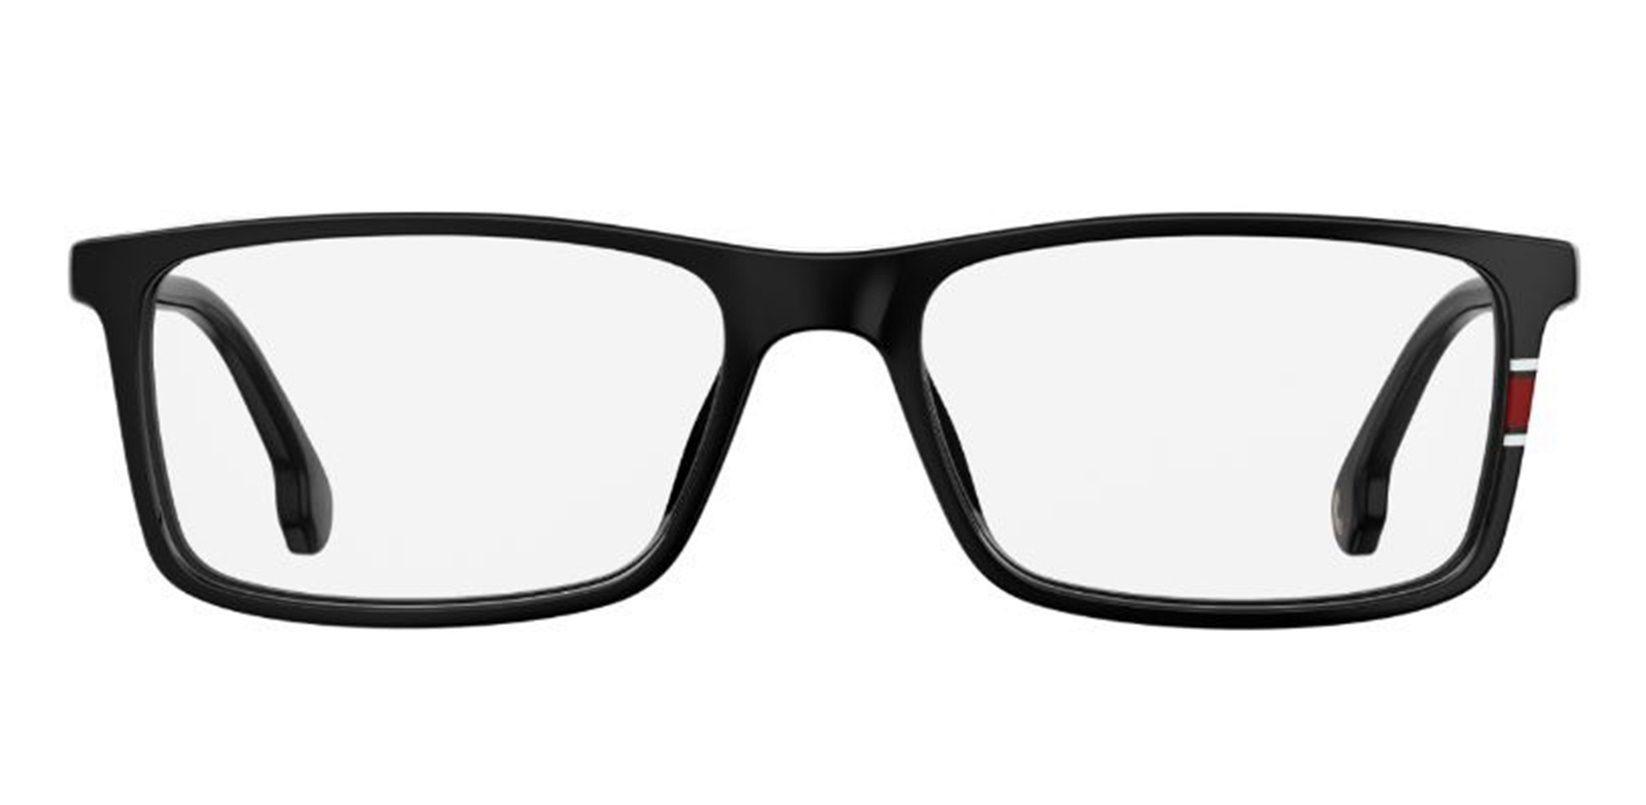 Armação Óculos de Grau Carrera 175 807 - Omega Ótica e Relojoaria 9bcd2bcd5b